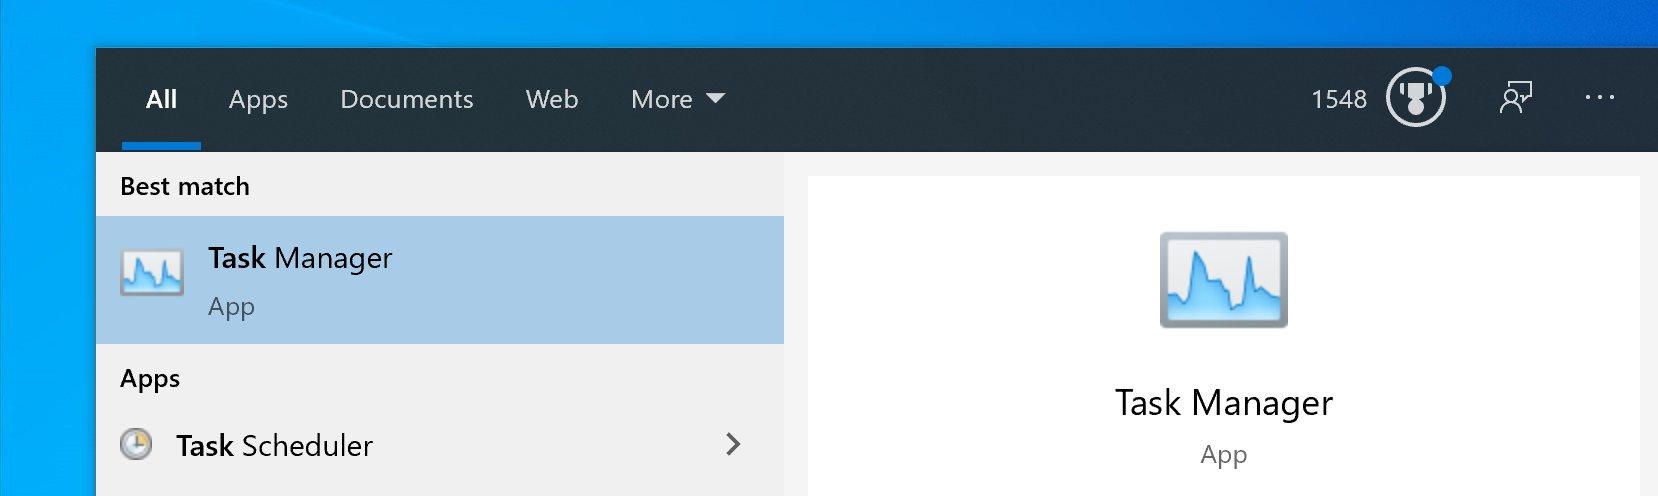 Il Task Manager di Windows 10 riceve la sua nuova icona